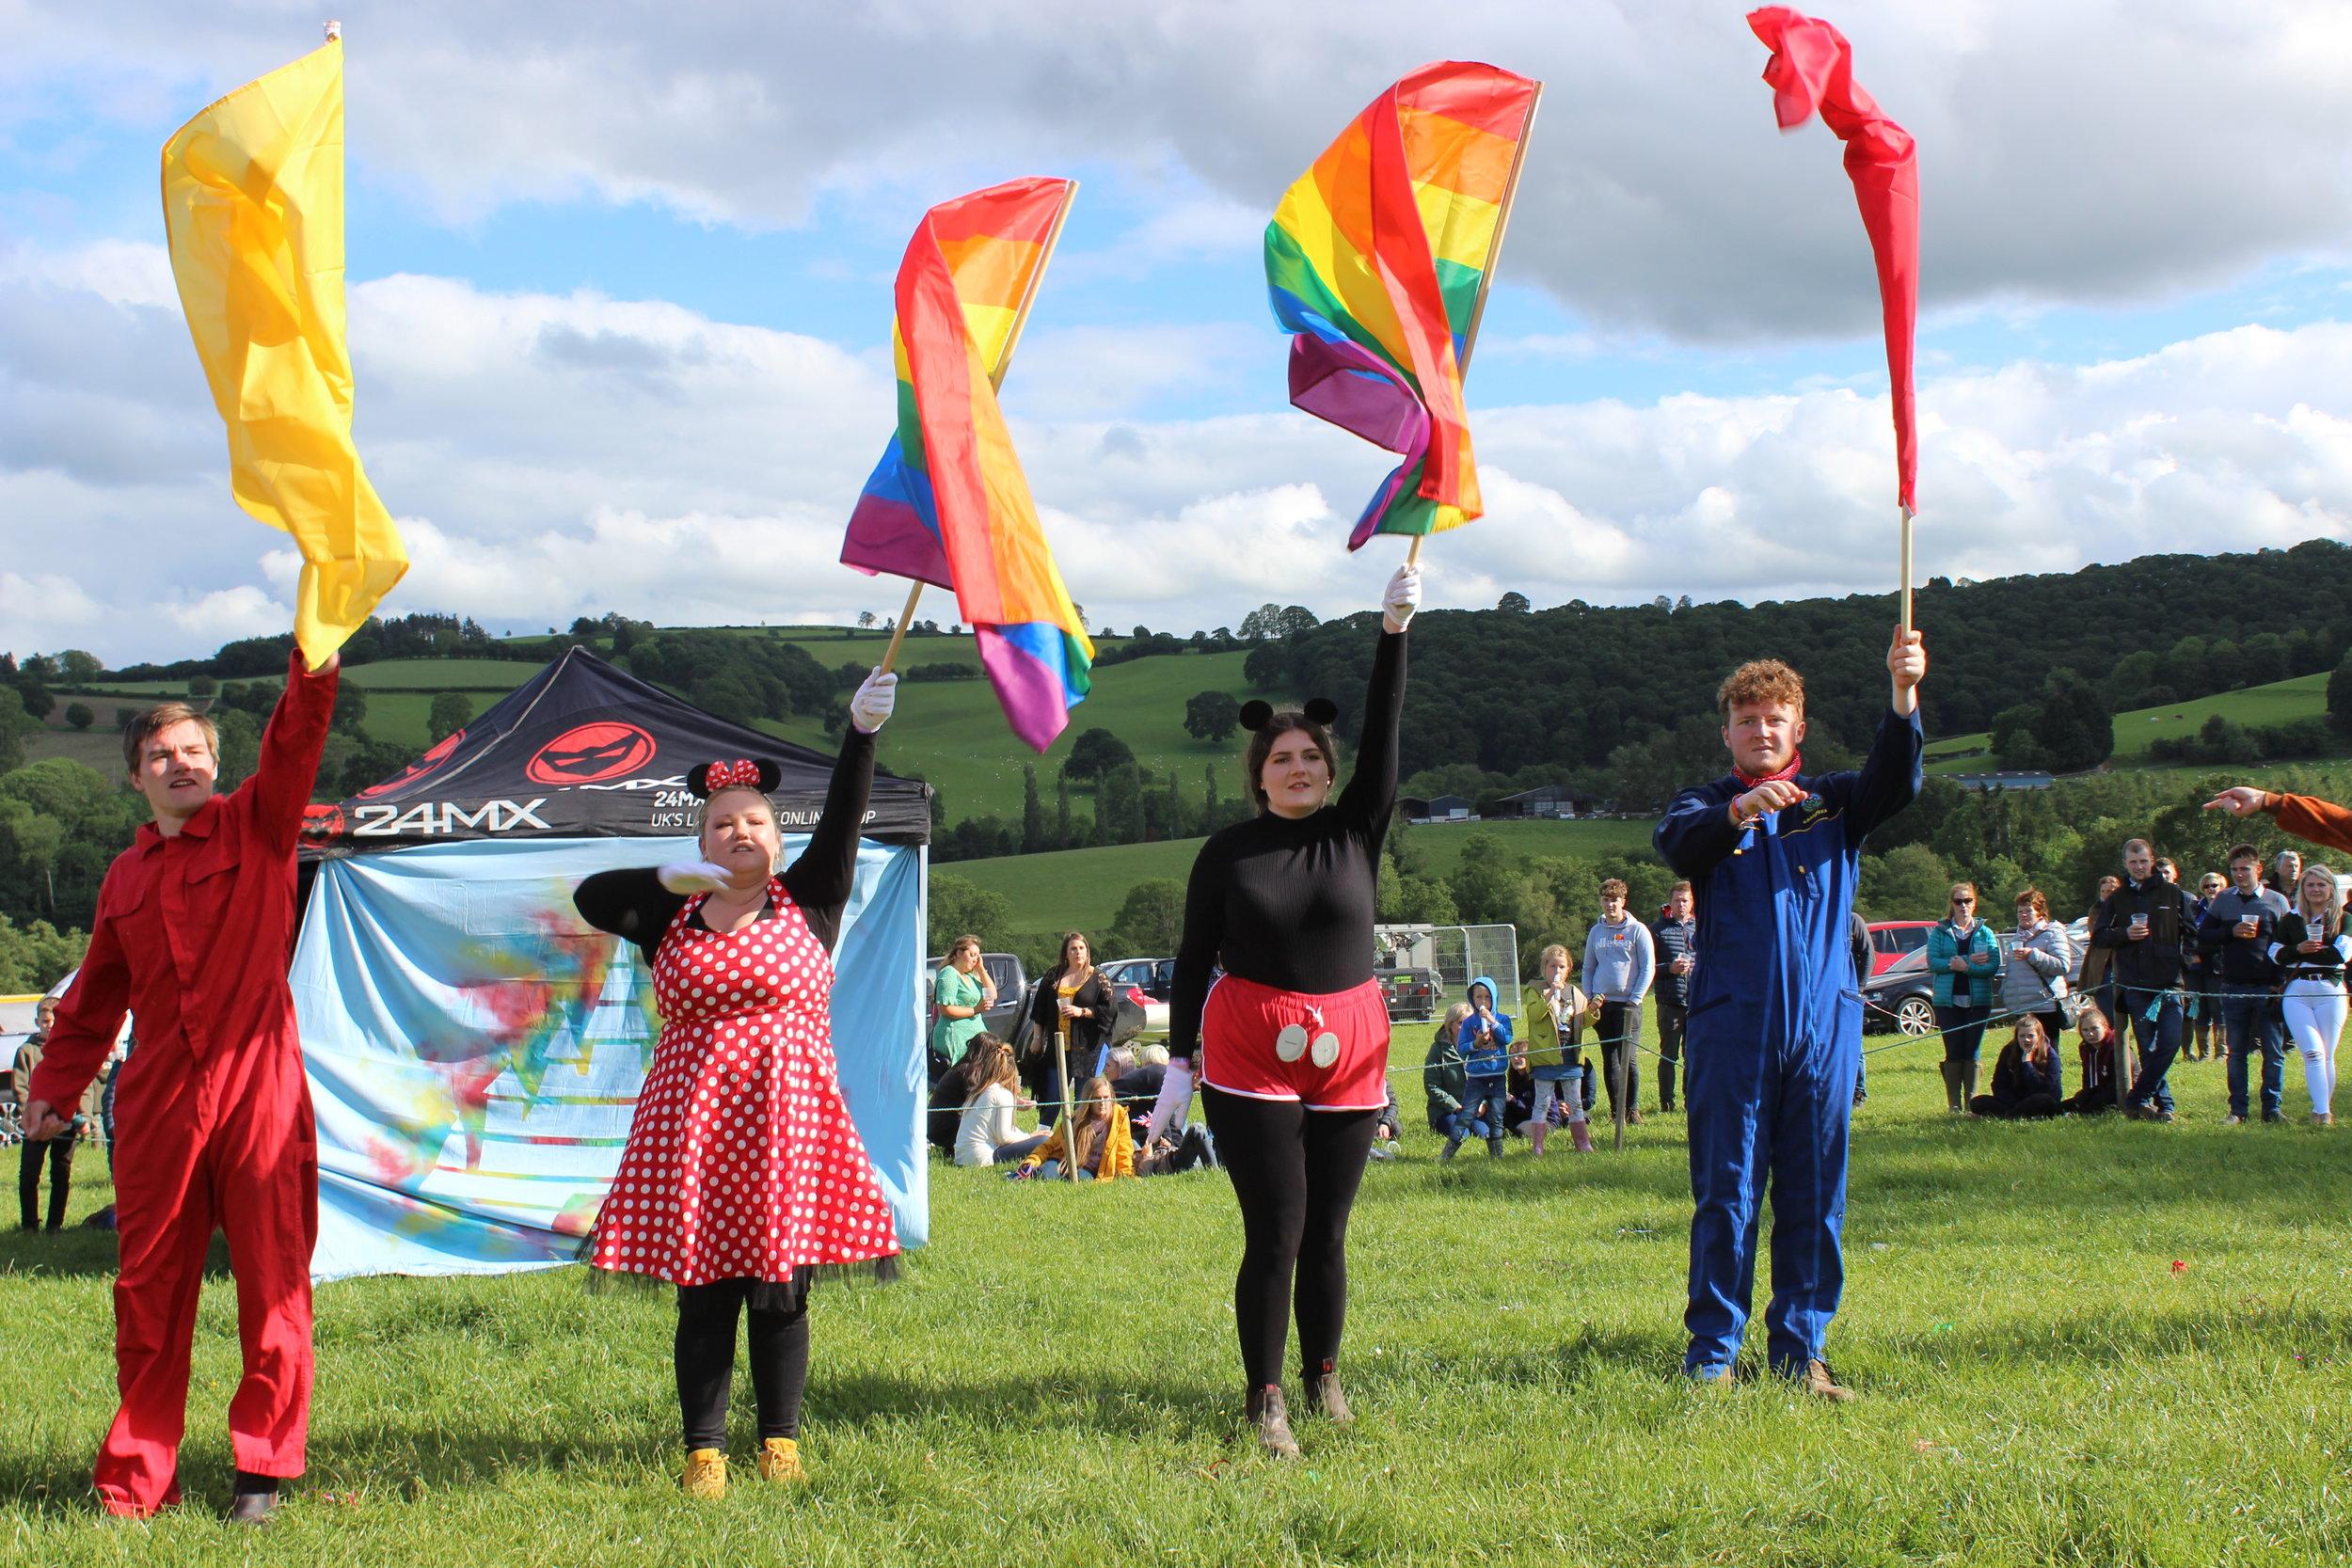 Edw Valley YFC in the Children's Entertainment Display